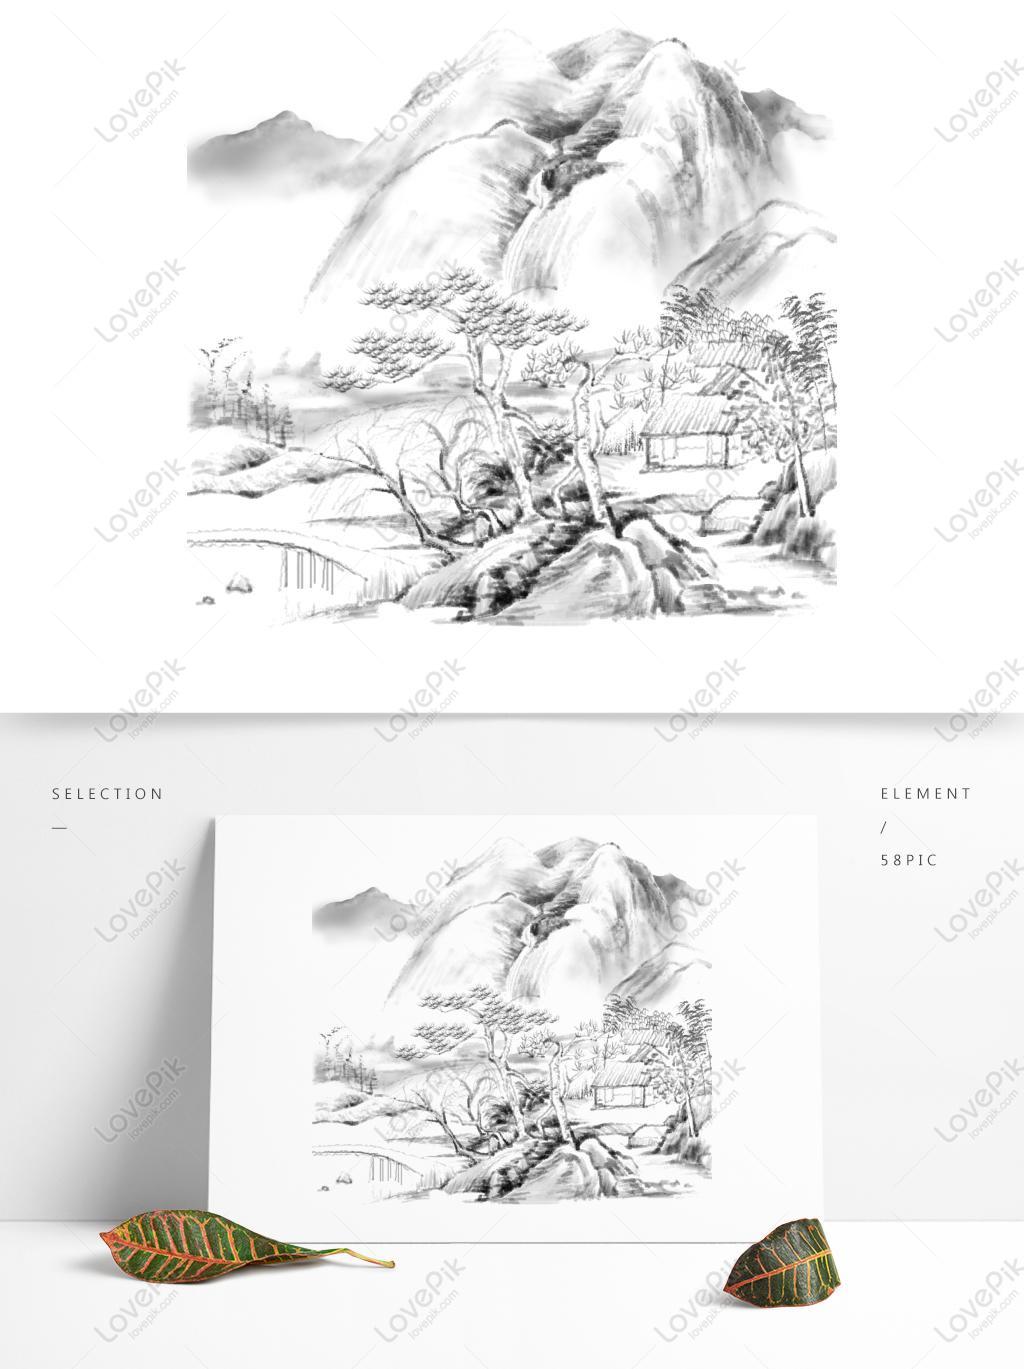 中国风水墨国画古风山水风景树小桥